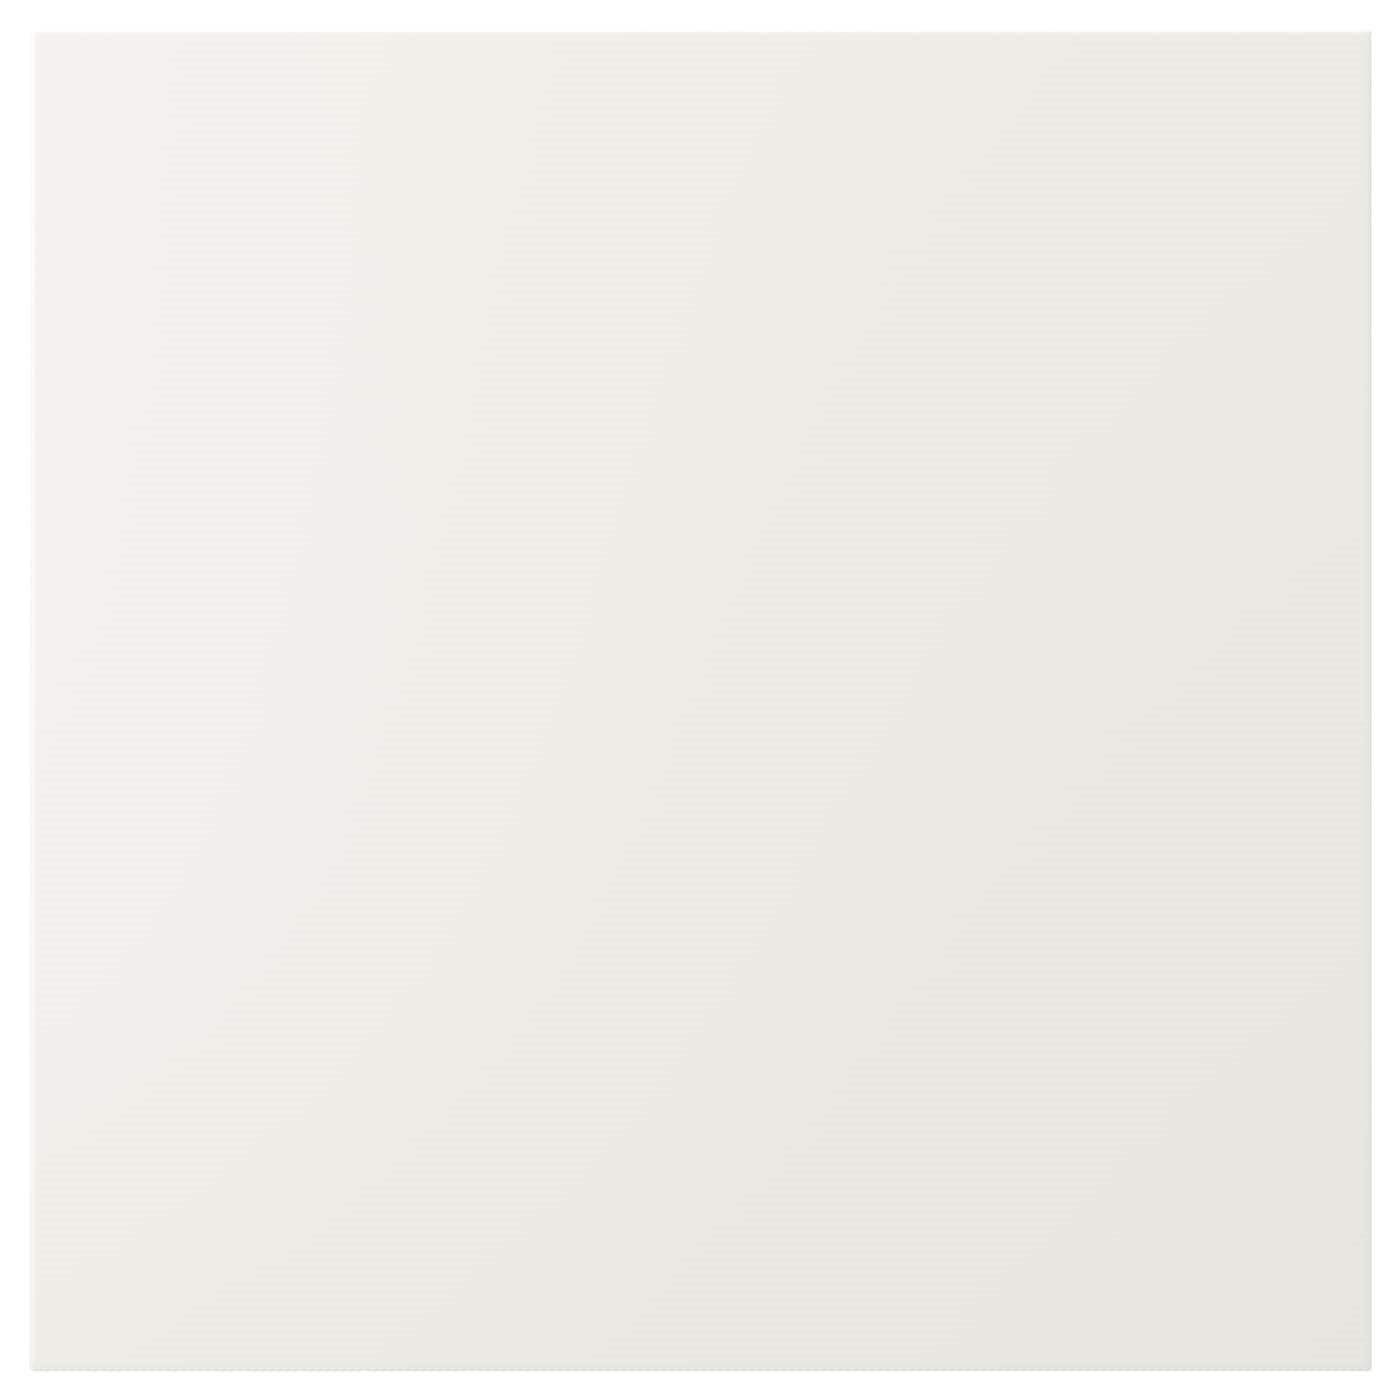 IKEA VEDDINGE дверь белый 60 x 60 см 40205434